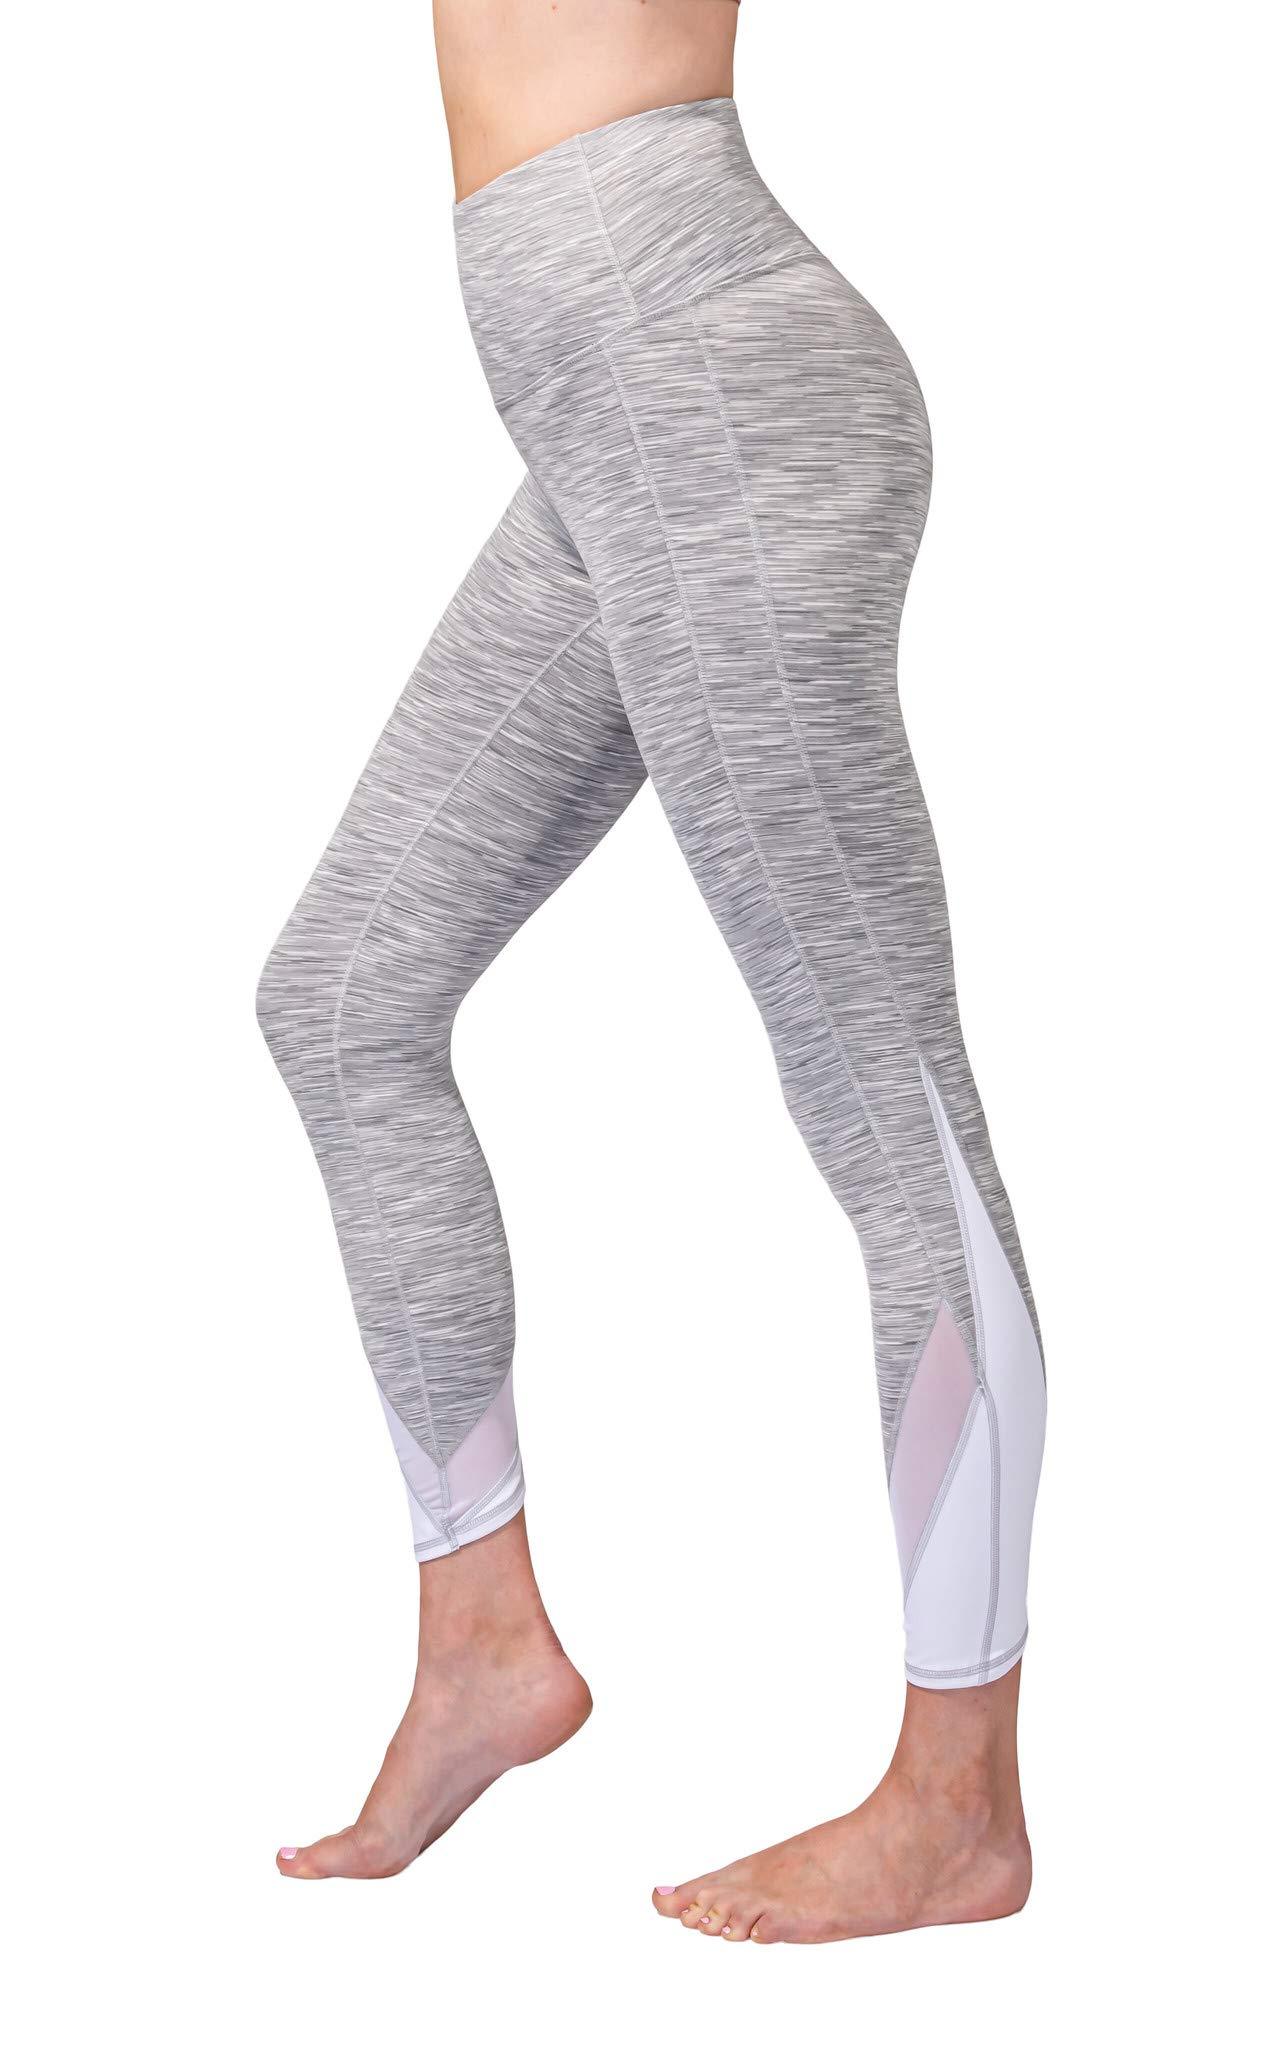 90 Degree By Reflex Women's Power Flex Yoga Pants - Grey Space Dye - Large by 90 Degree By Reflex